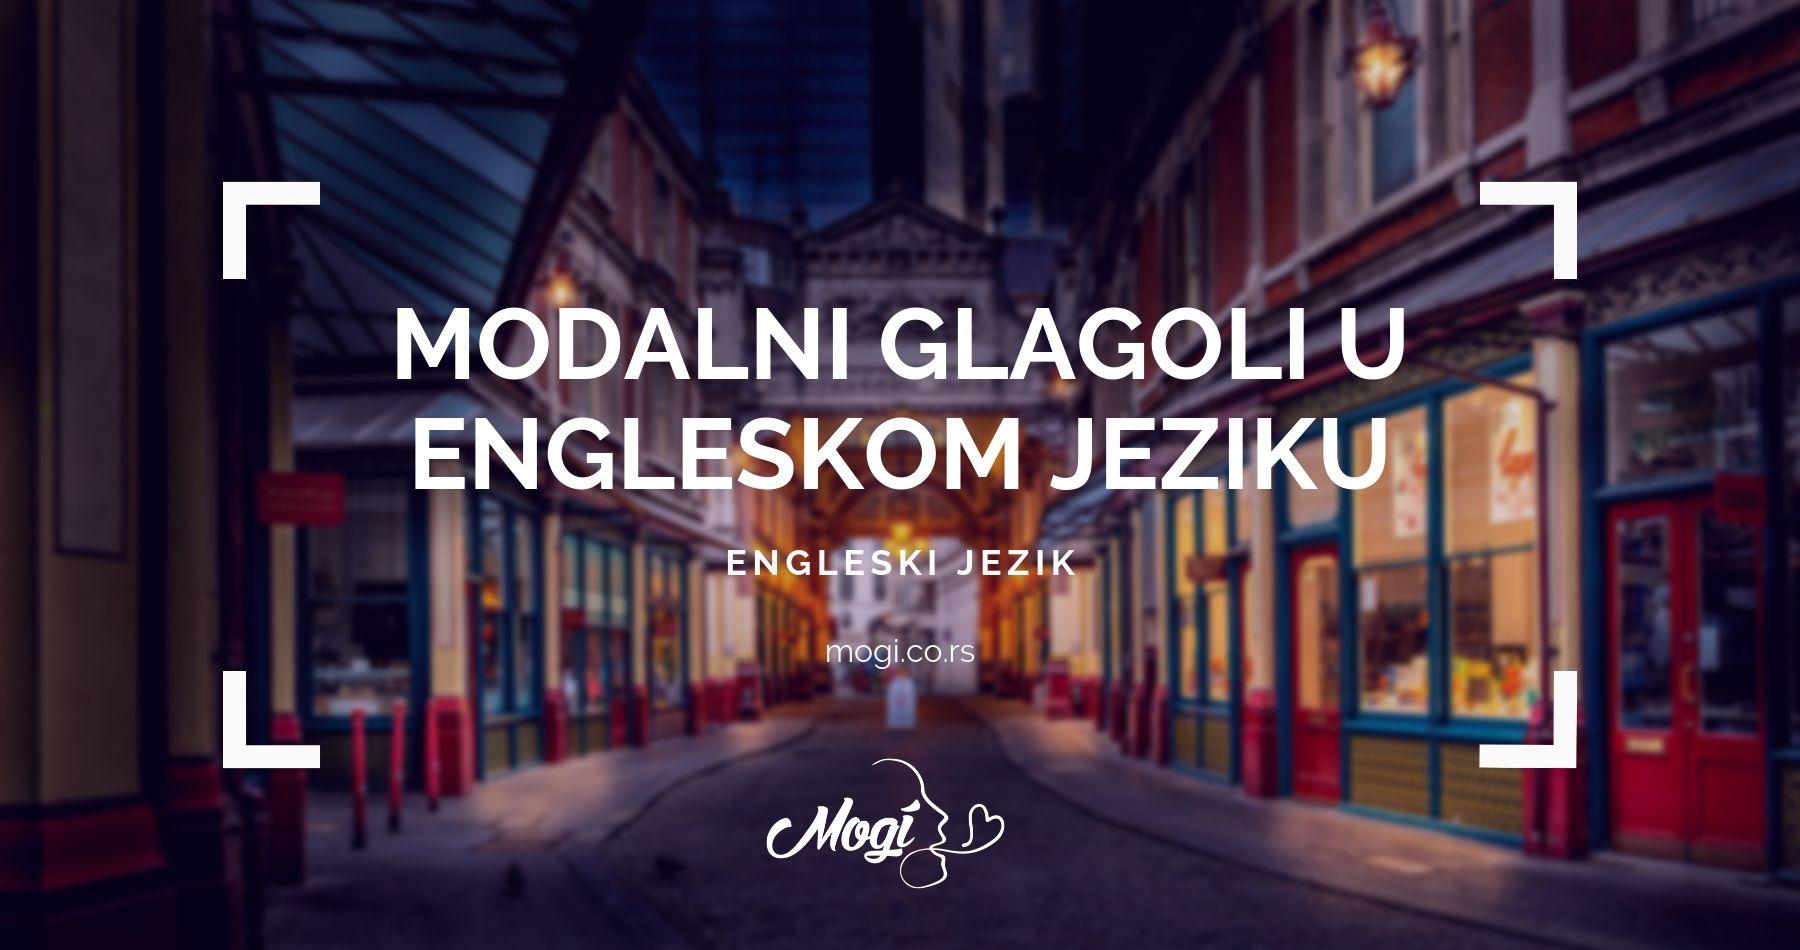 Modalni glagoli u engleskom jeziku